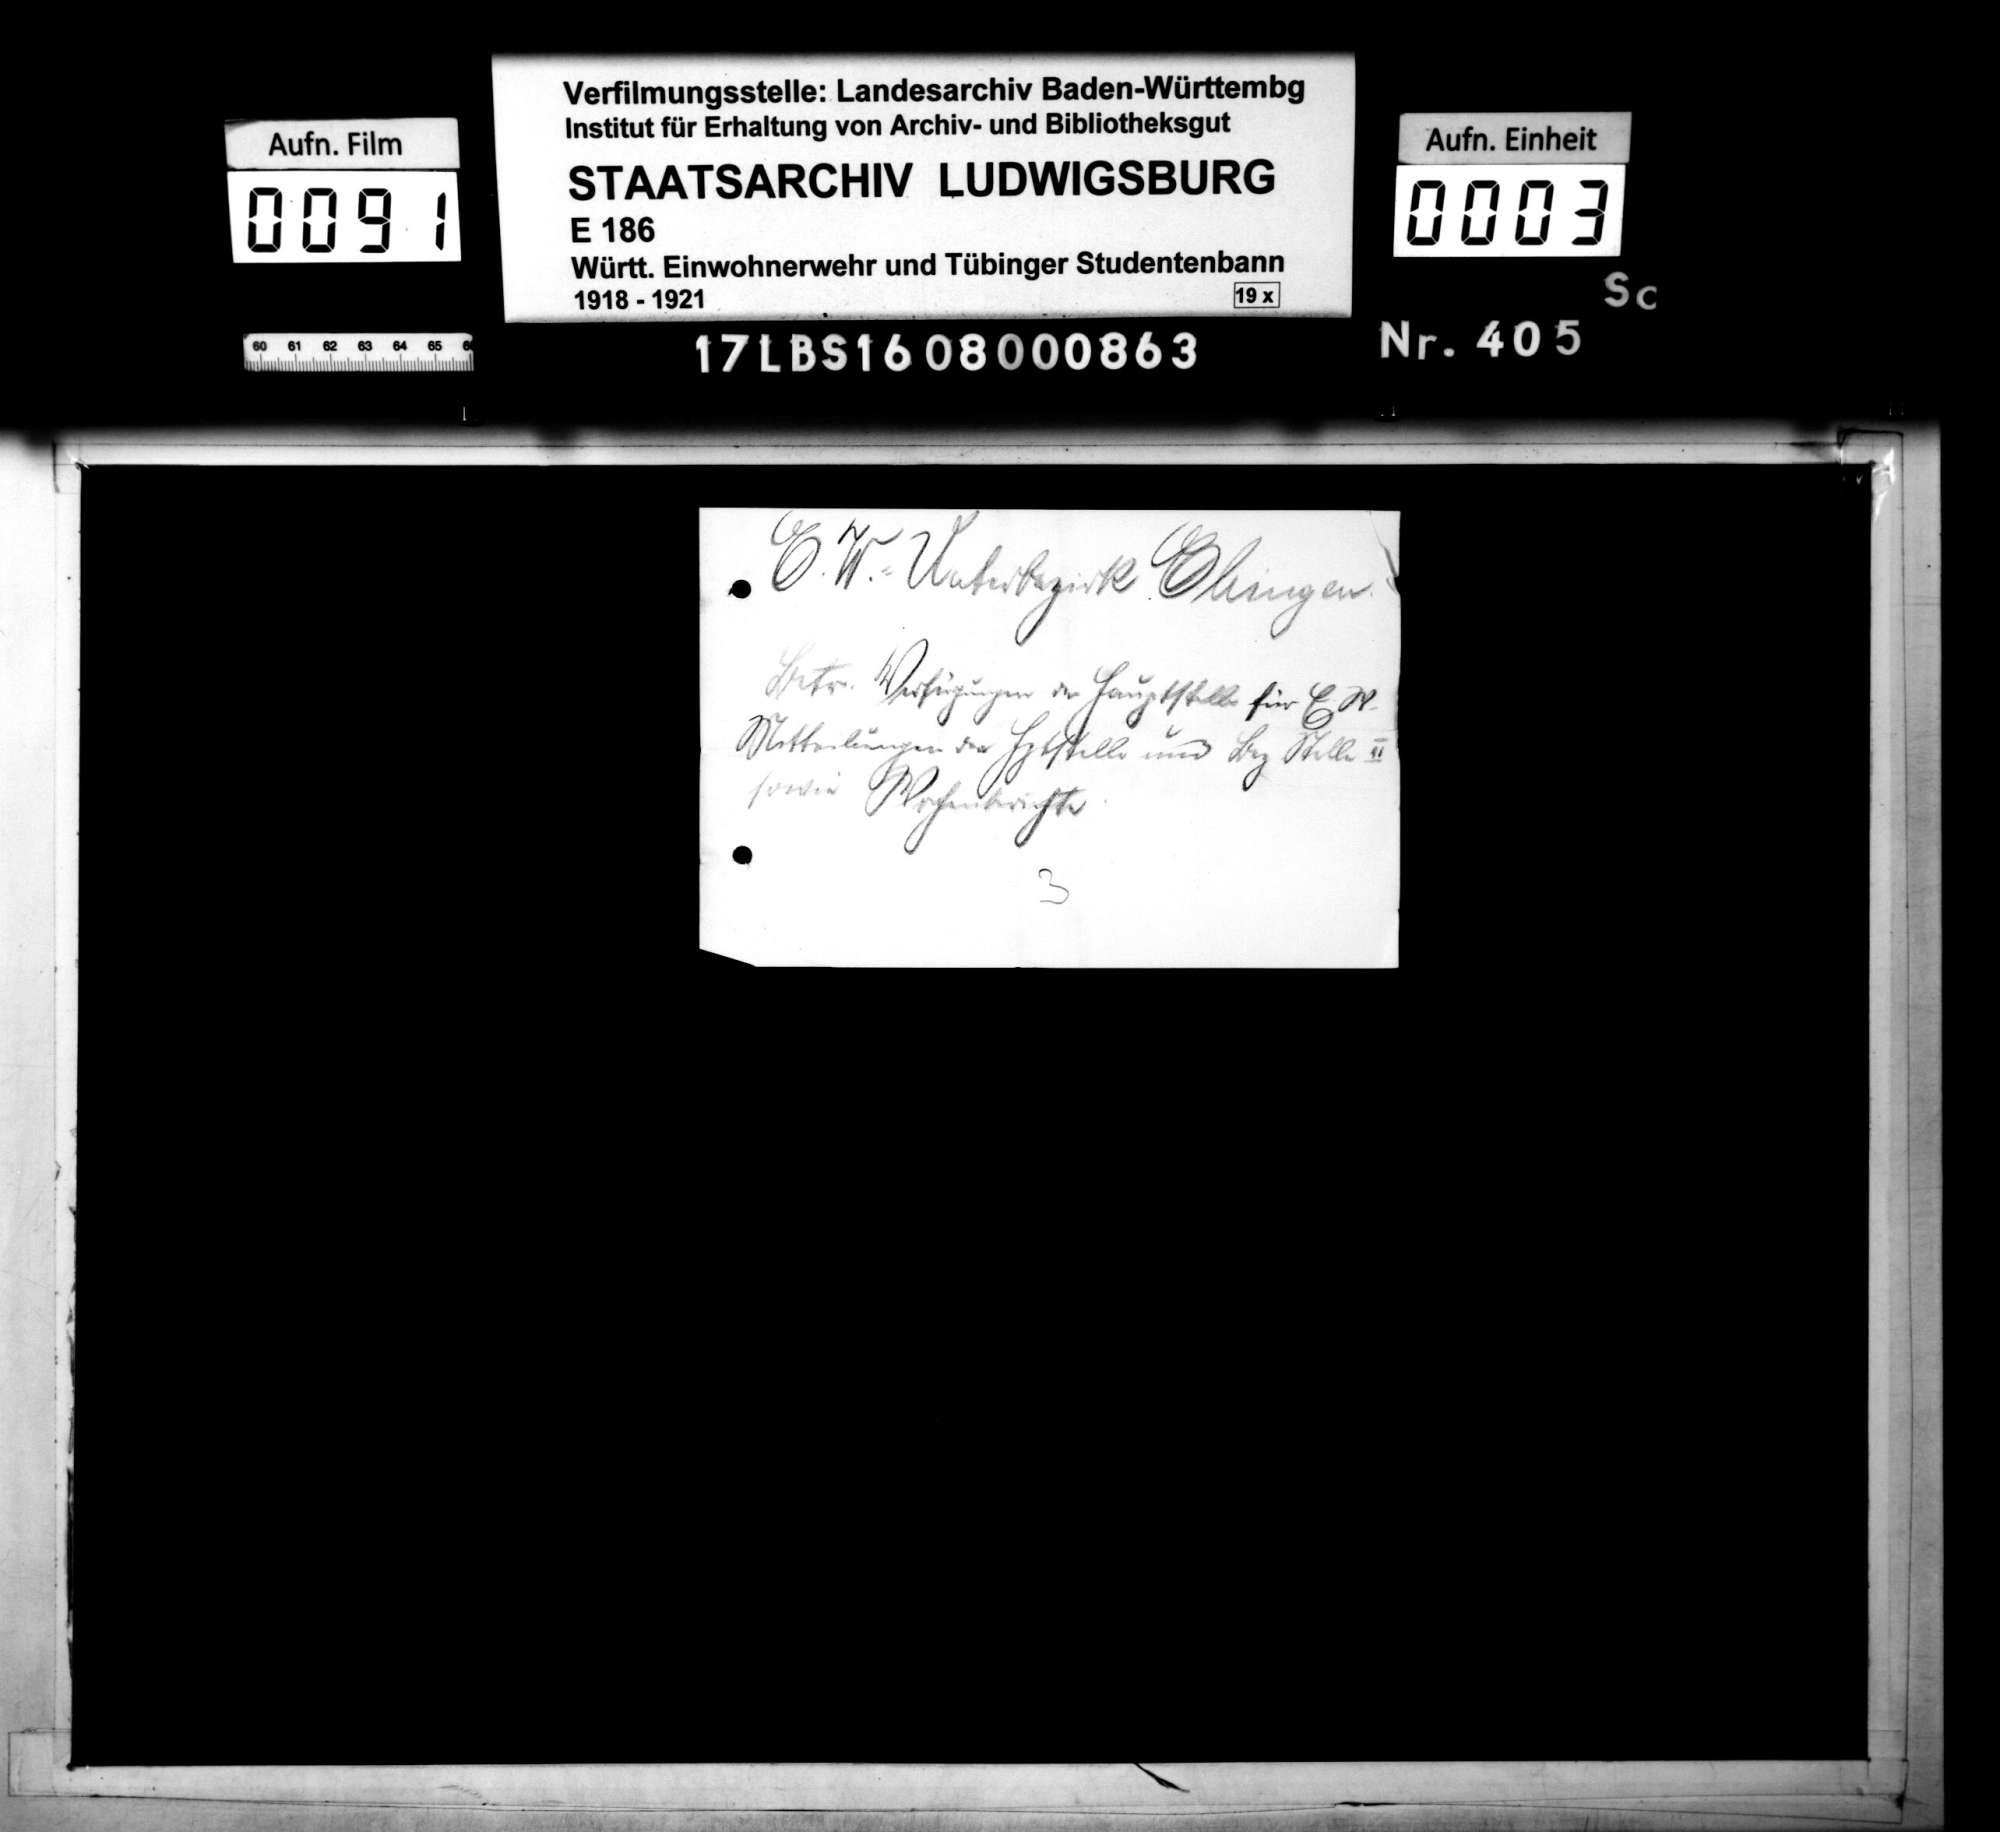 Verfügungen der Hauptstelle für Einwohnerwehren Württembergs, Mitteilungen der Hauptstelle und der Bezirksstelle 2 Ulm, Wochenberichte, Bild 1